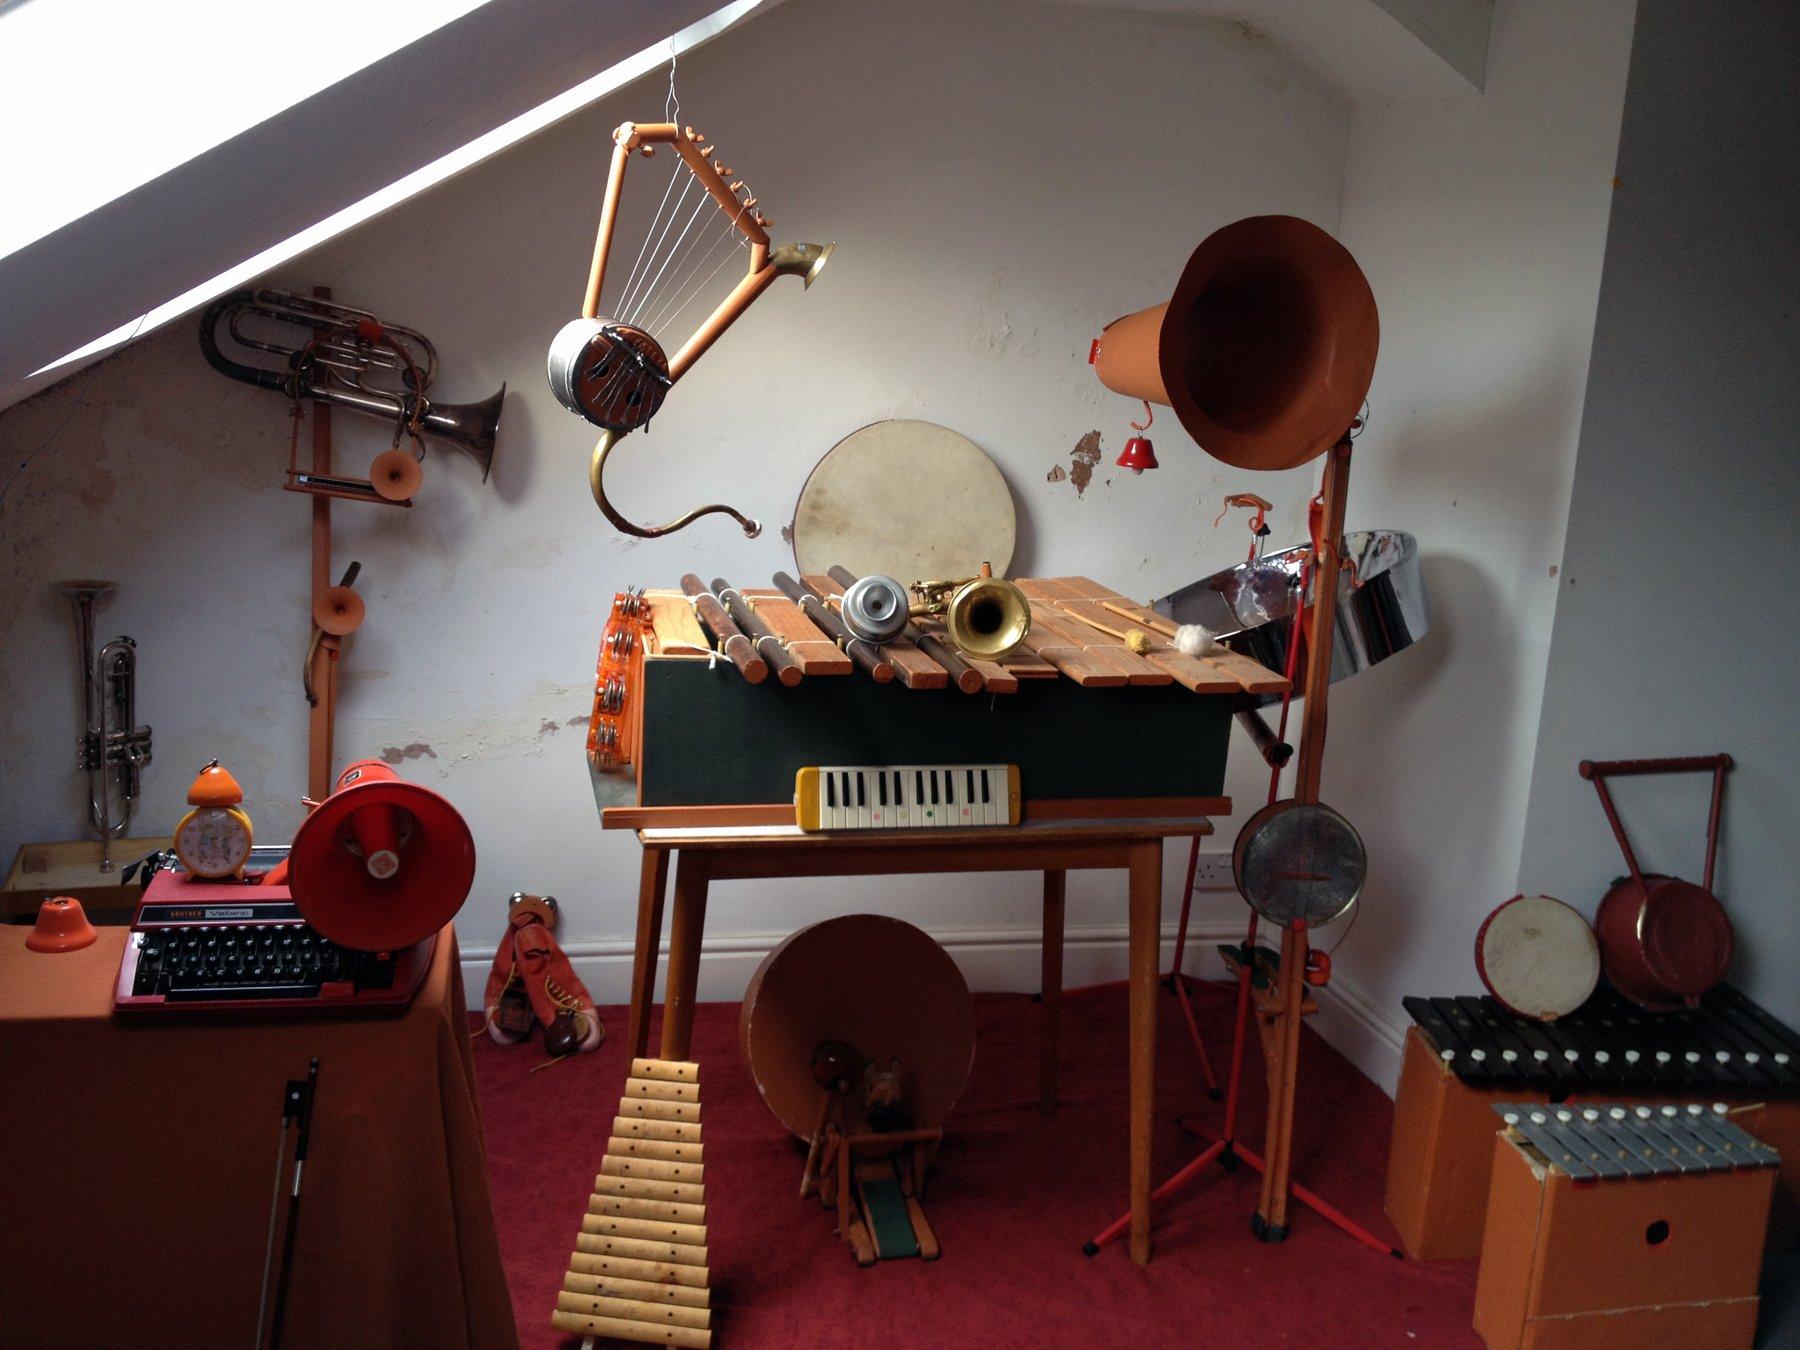 ICHI studio